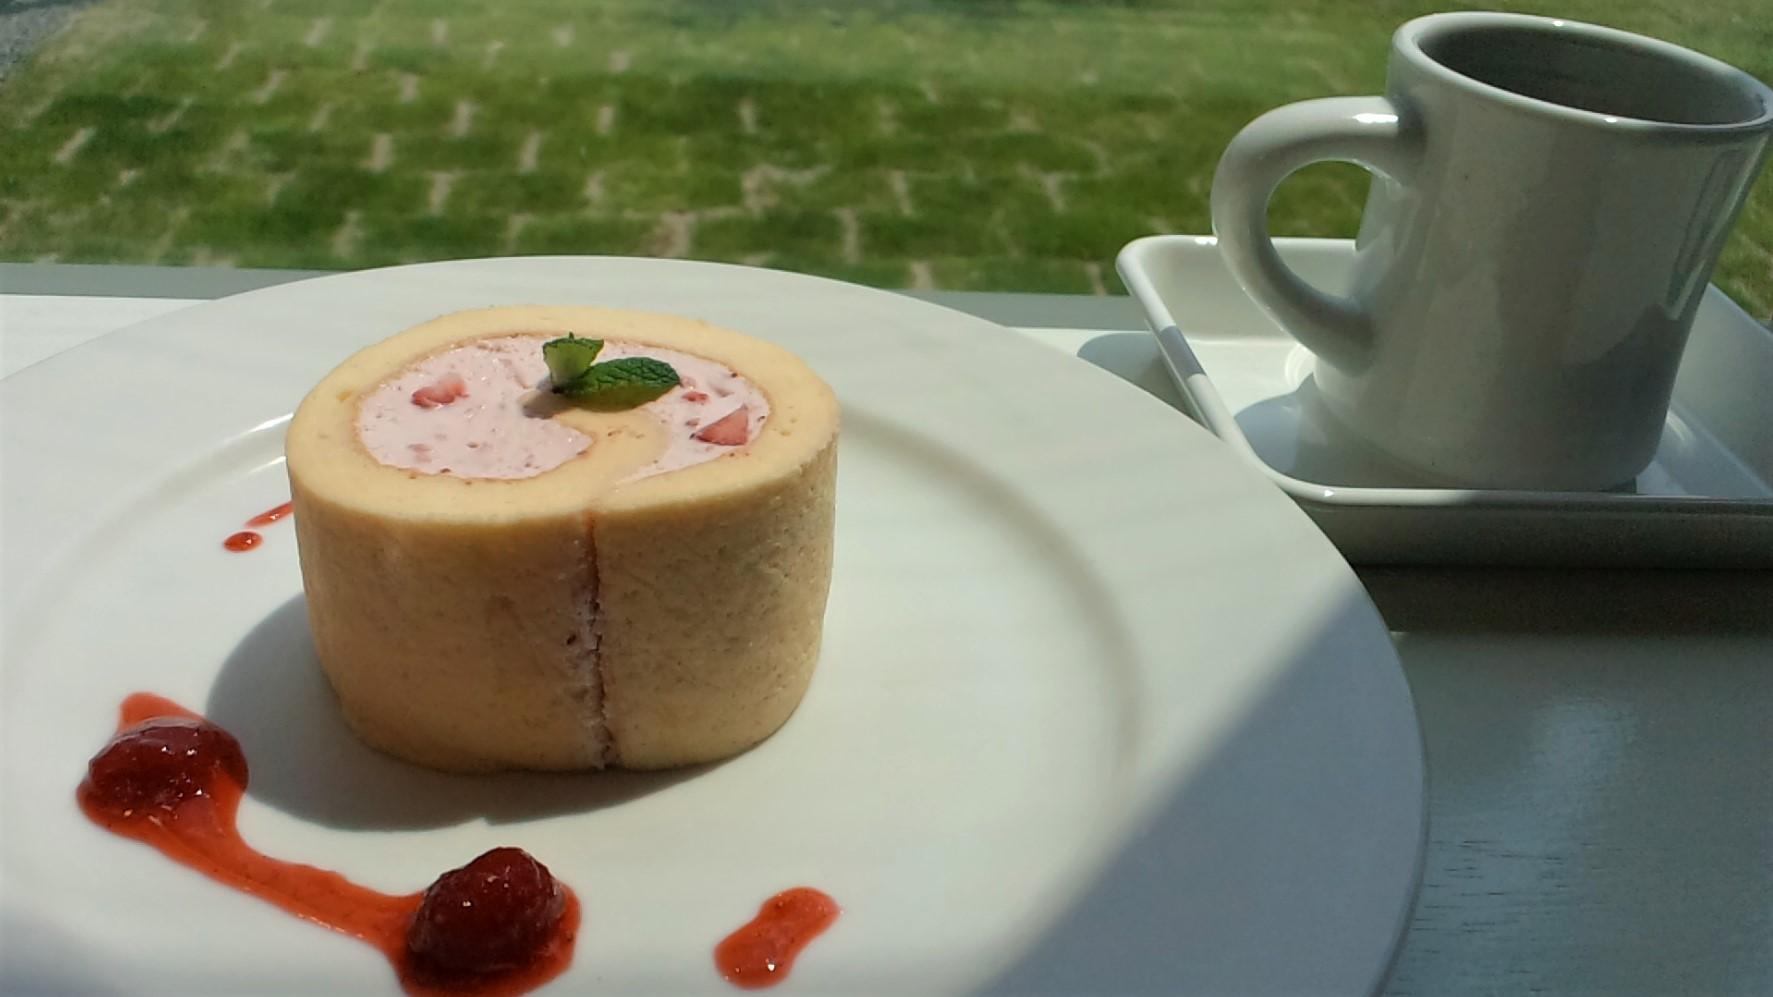 ヒカリノカフェ蜂須小珈琲店のロールケーキとスペシャルティーコーヒー